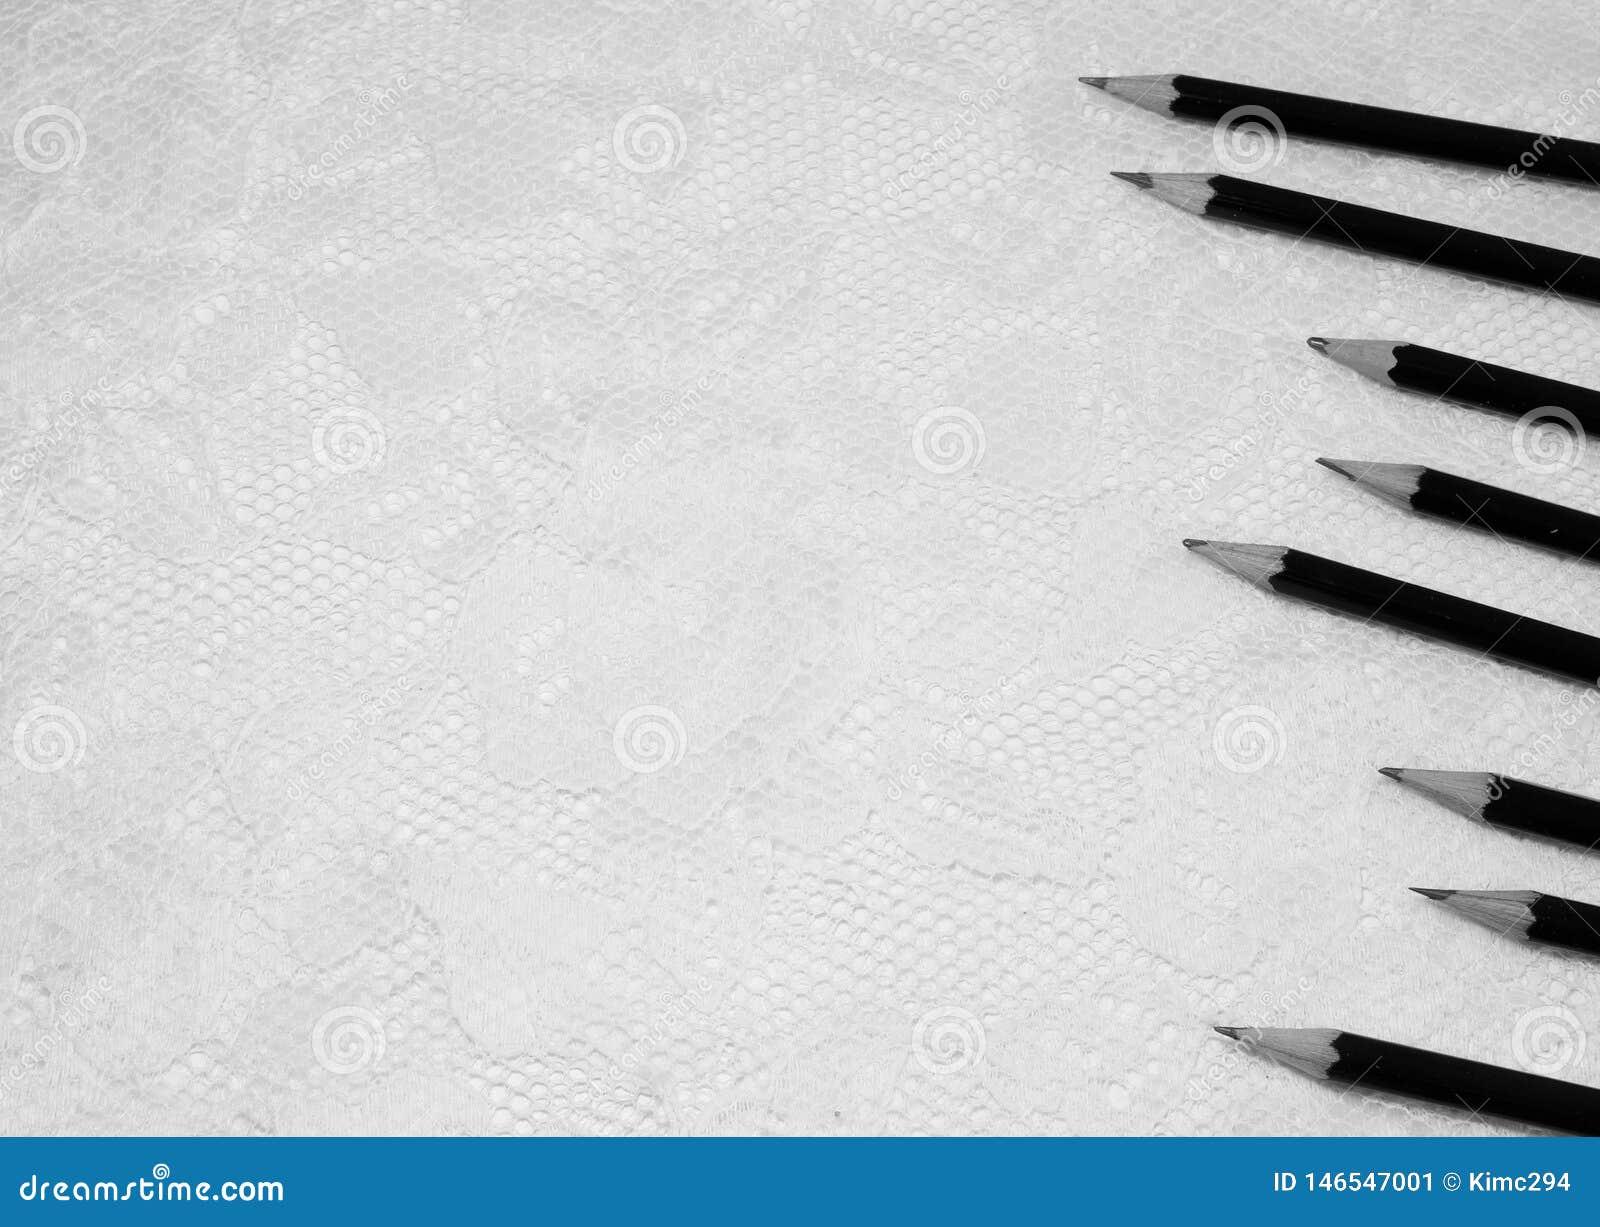 Diversas mostras de esboço dos lápis em lenghts diferentes no lado direito da imagem